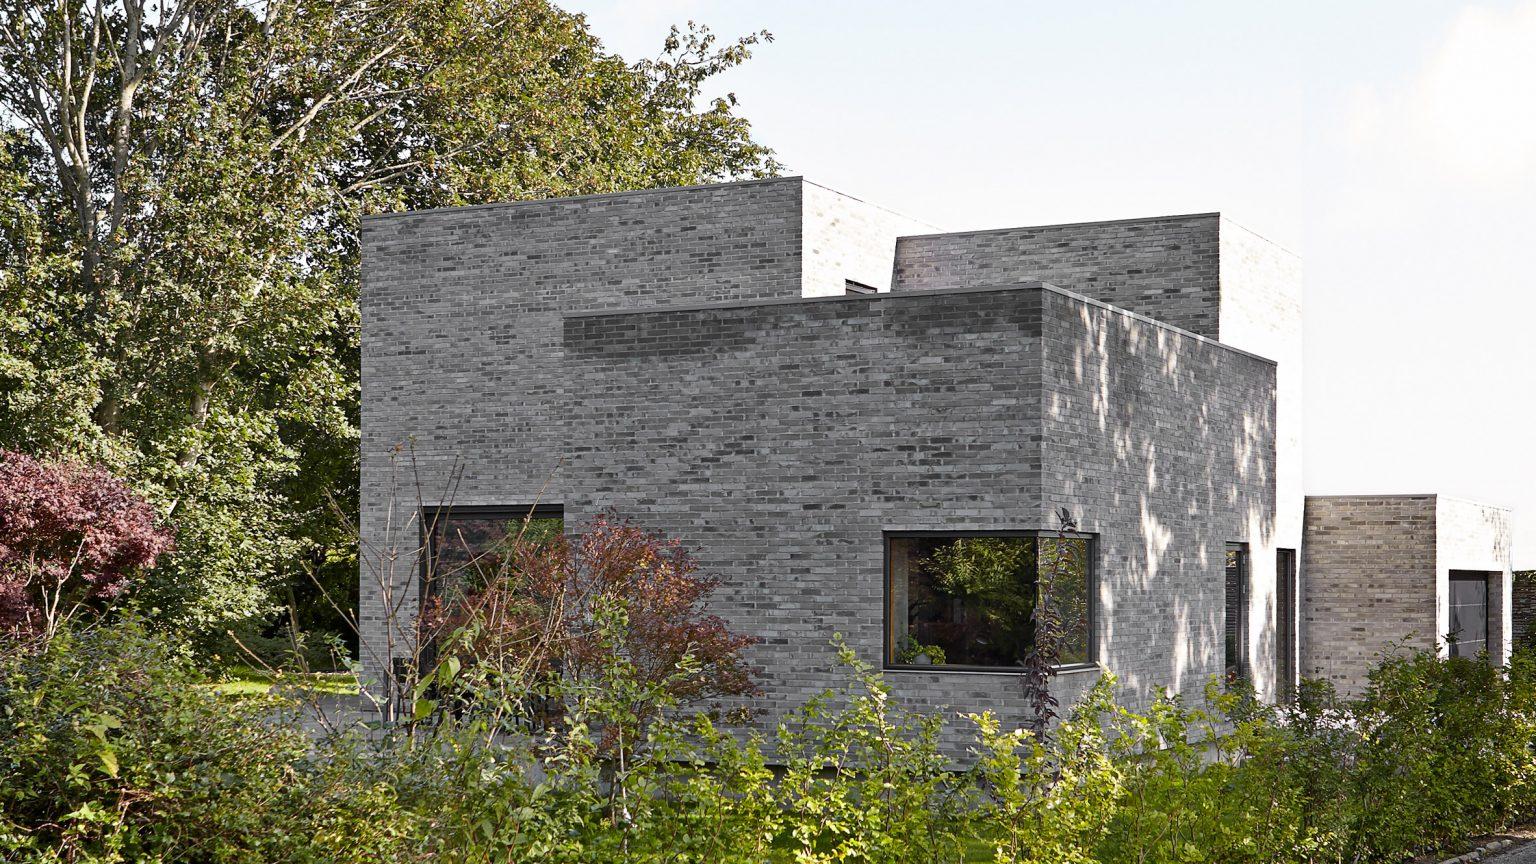 hình ảnh toàn cảnh mặt ngoài ngôi nhà bê tông 2 tầng ở Đan Mạch